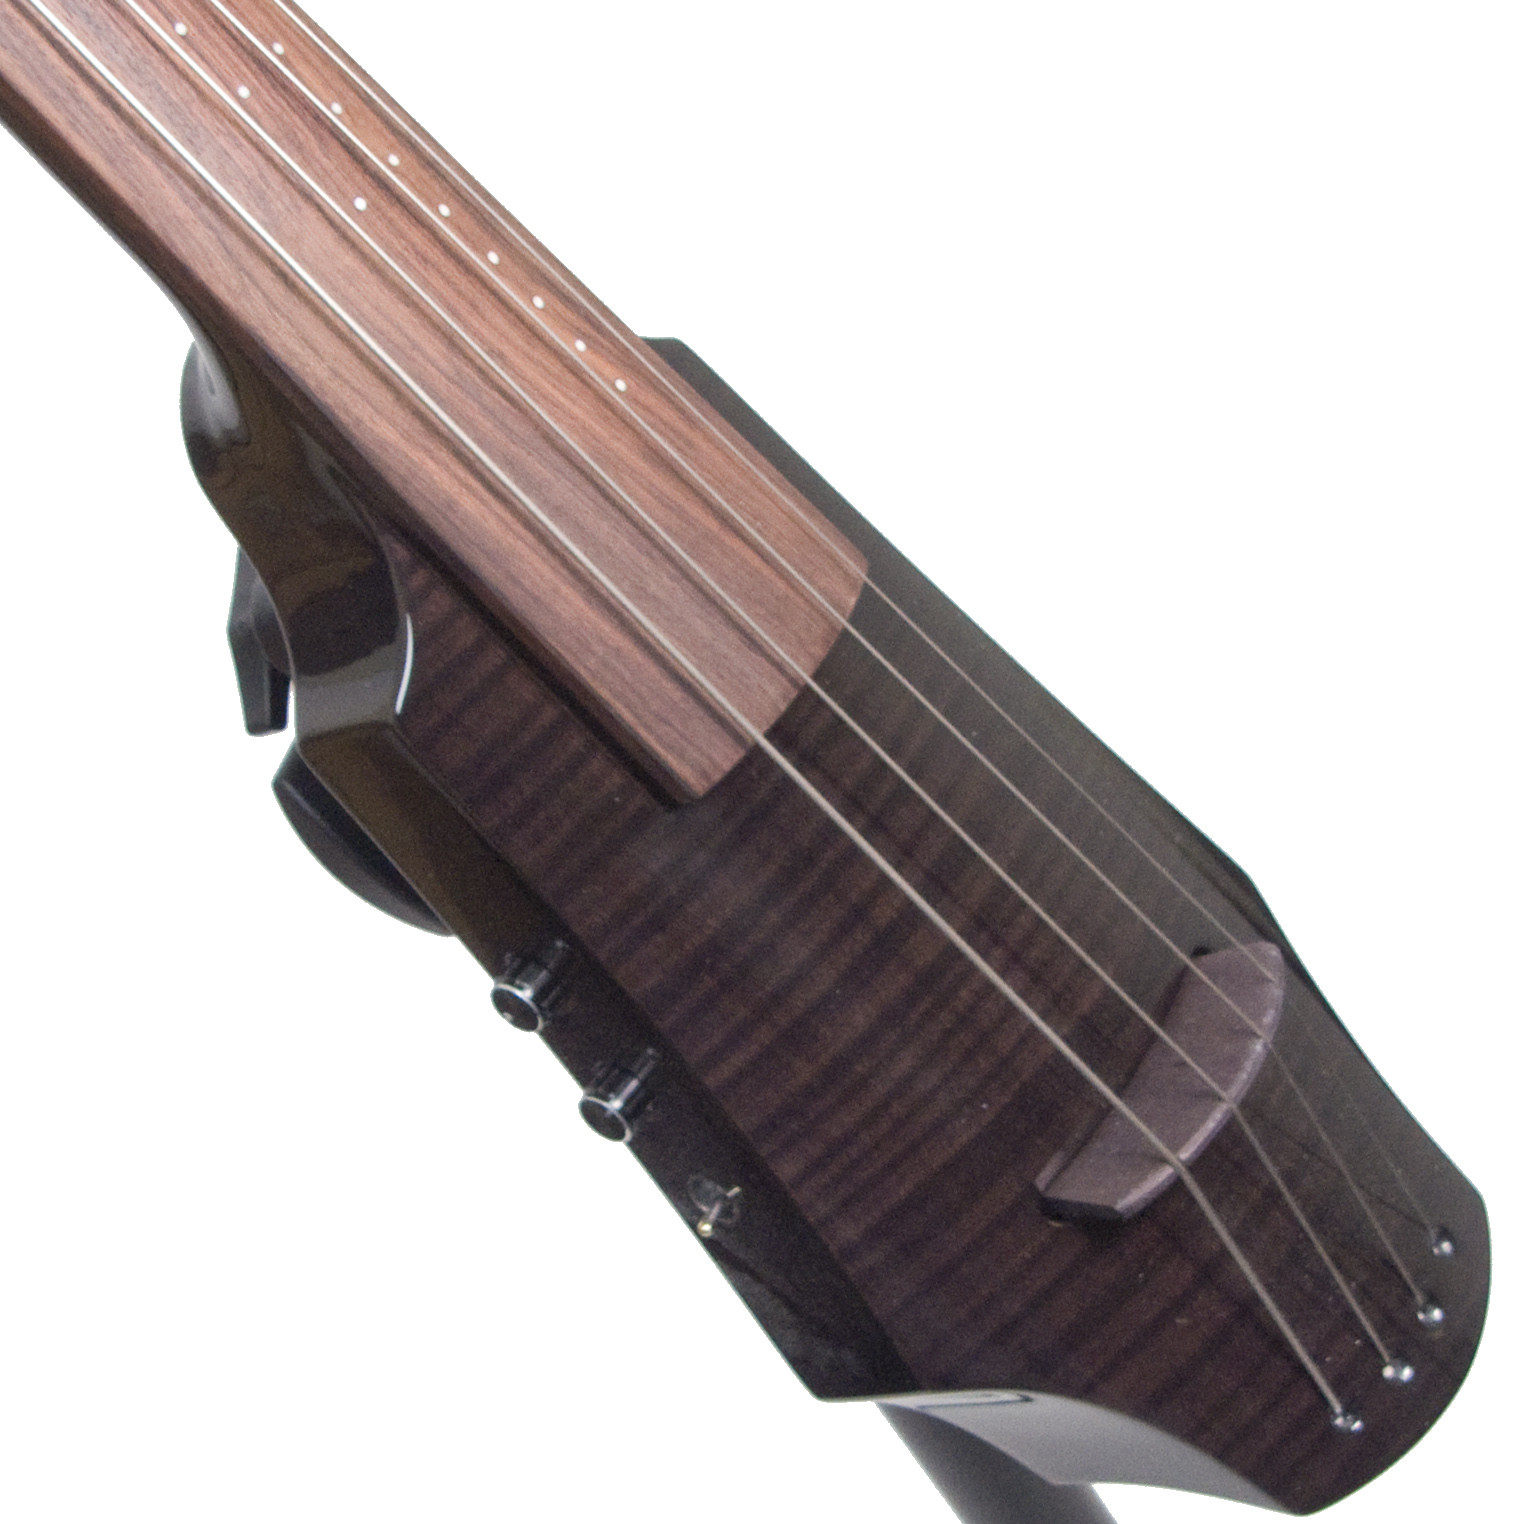 NS Design WAV4 cello